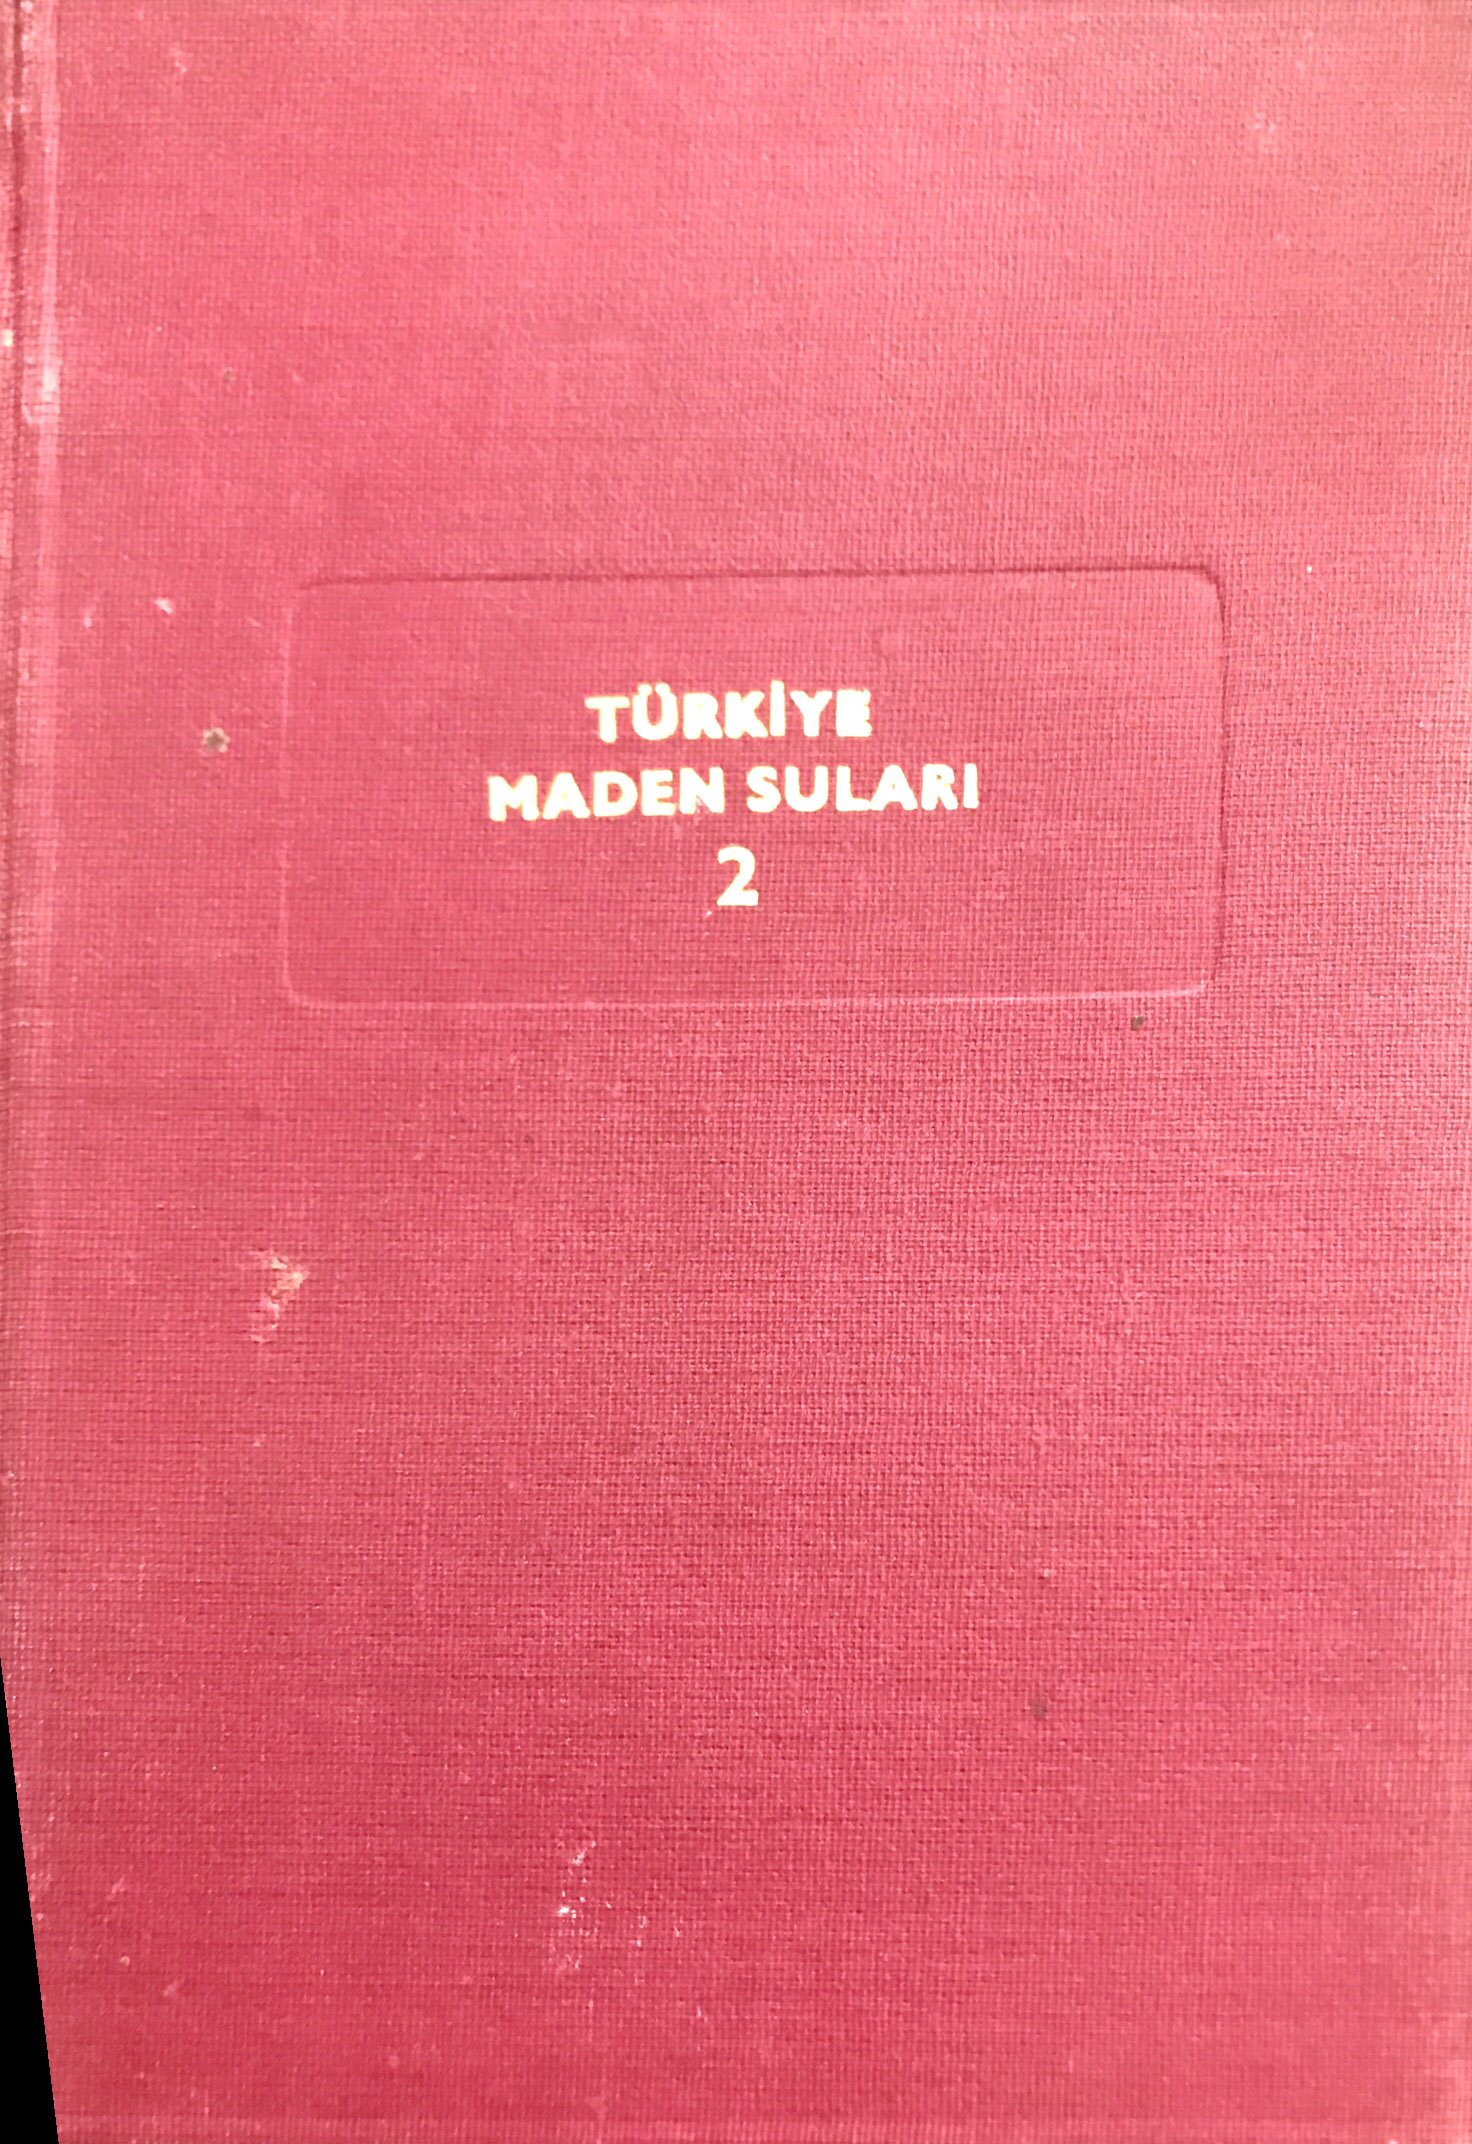 Türkiye Maden Suları, 2: Marmara Bölgesi Kitap Kapağı